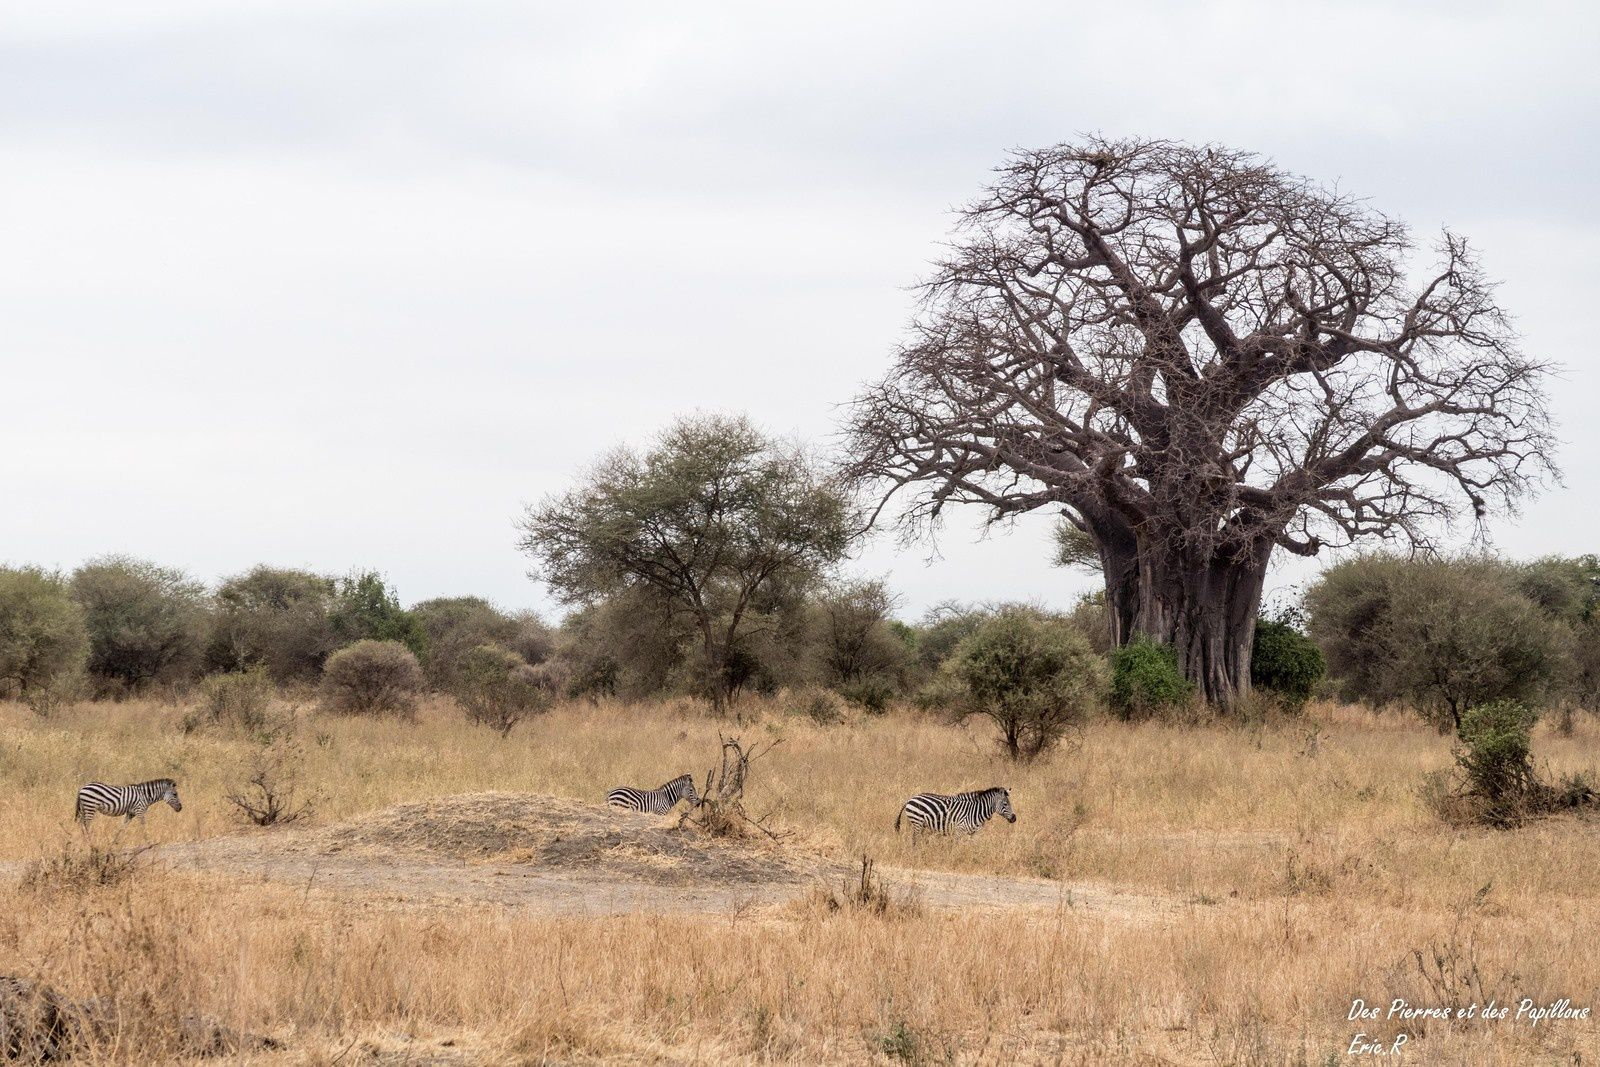 Quelques baobabs observés dans le parc.